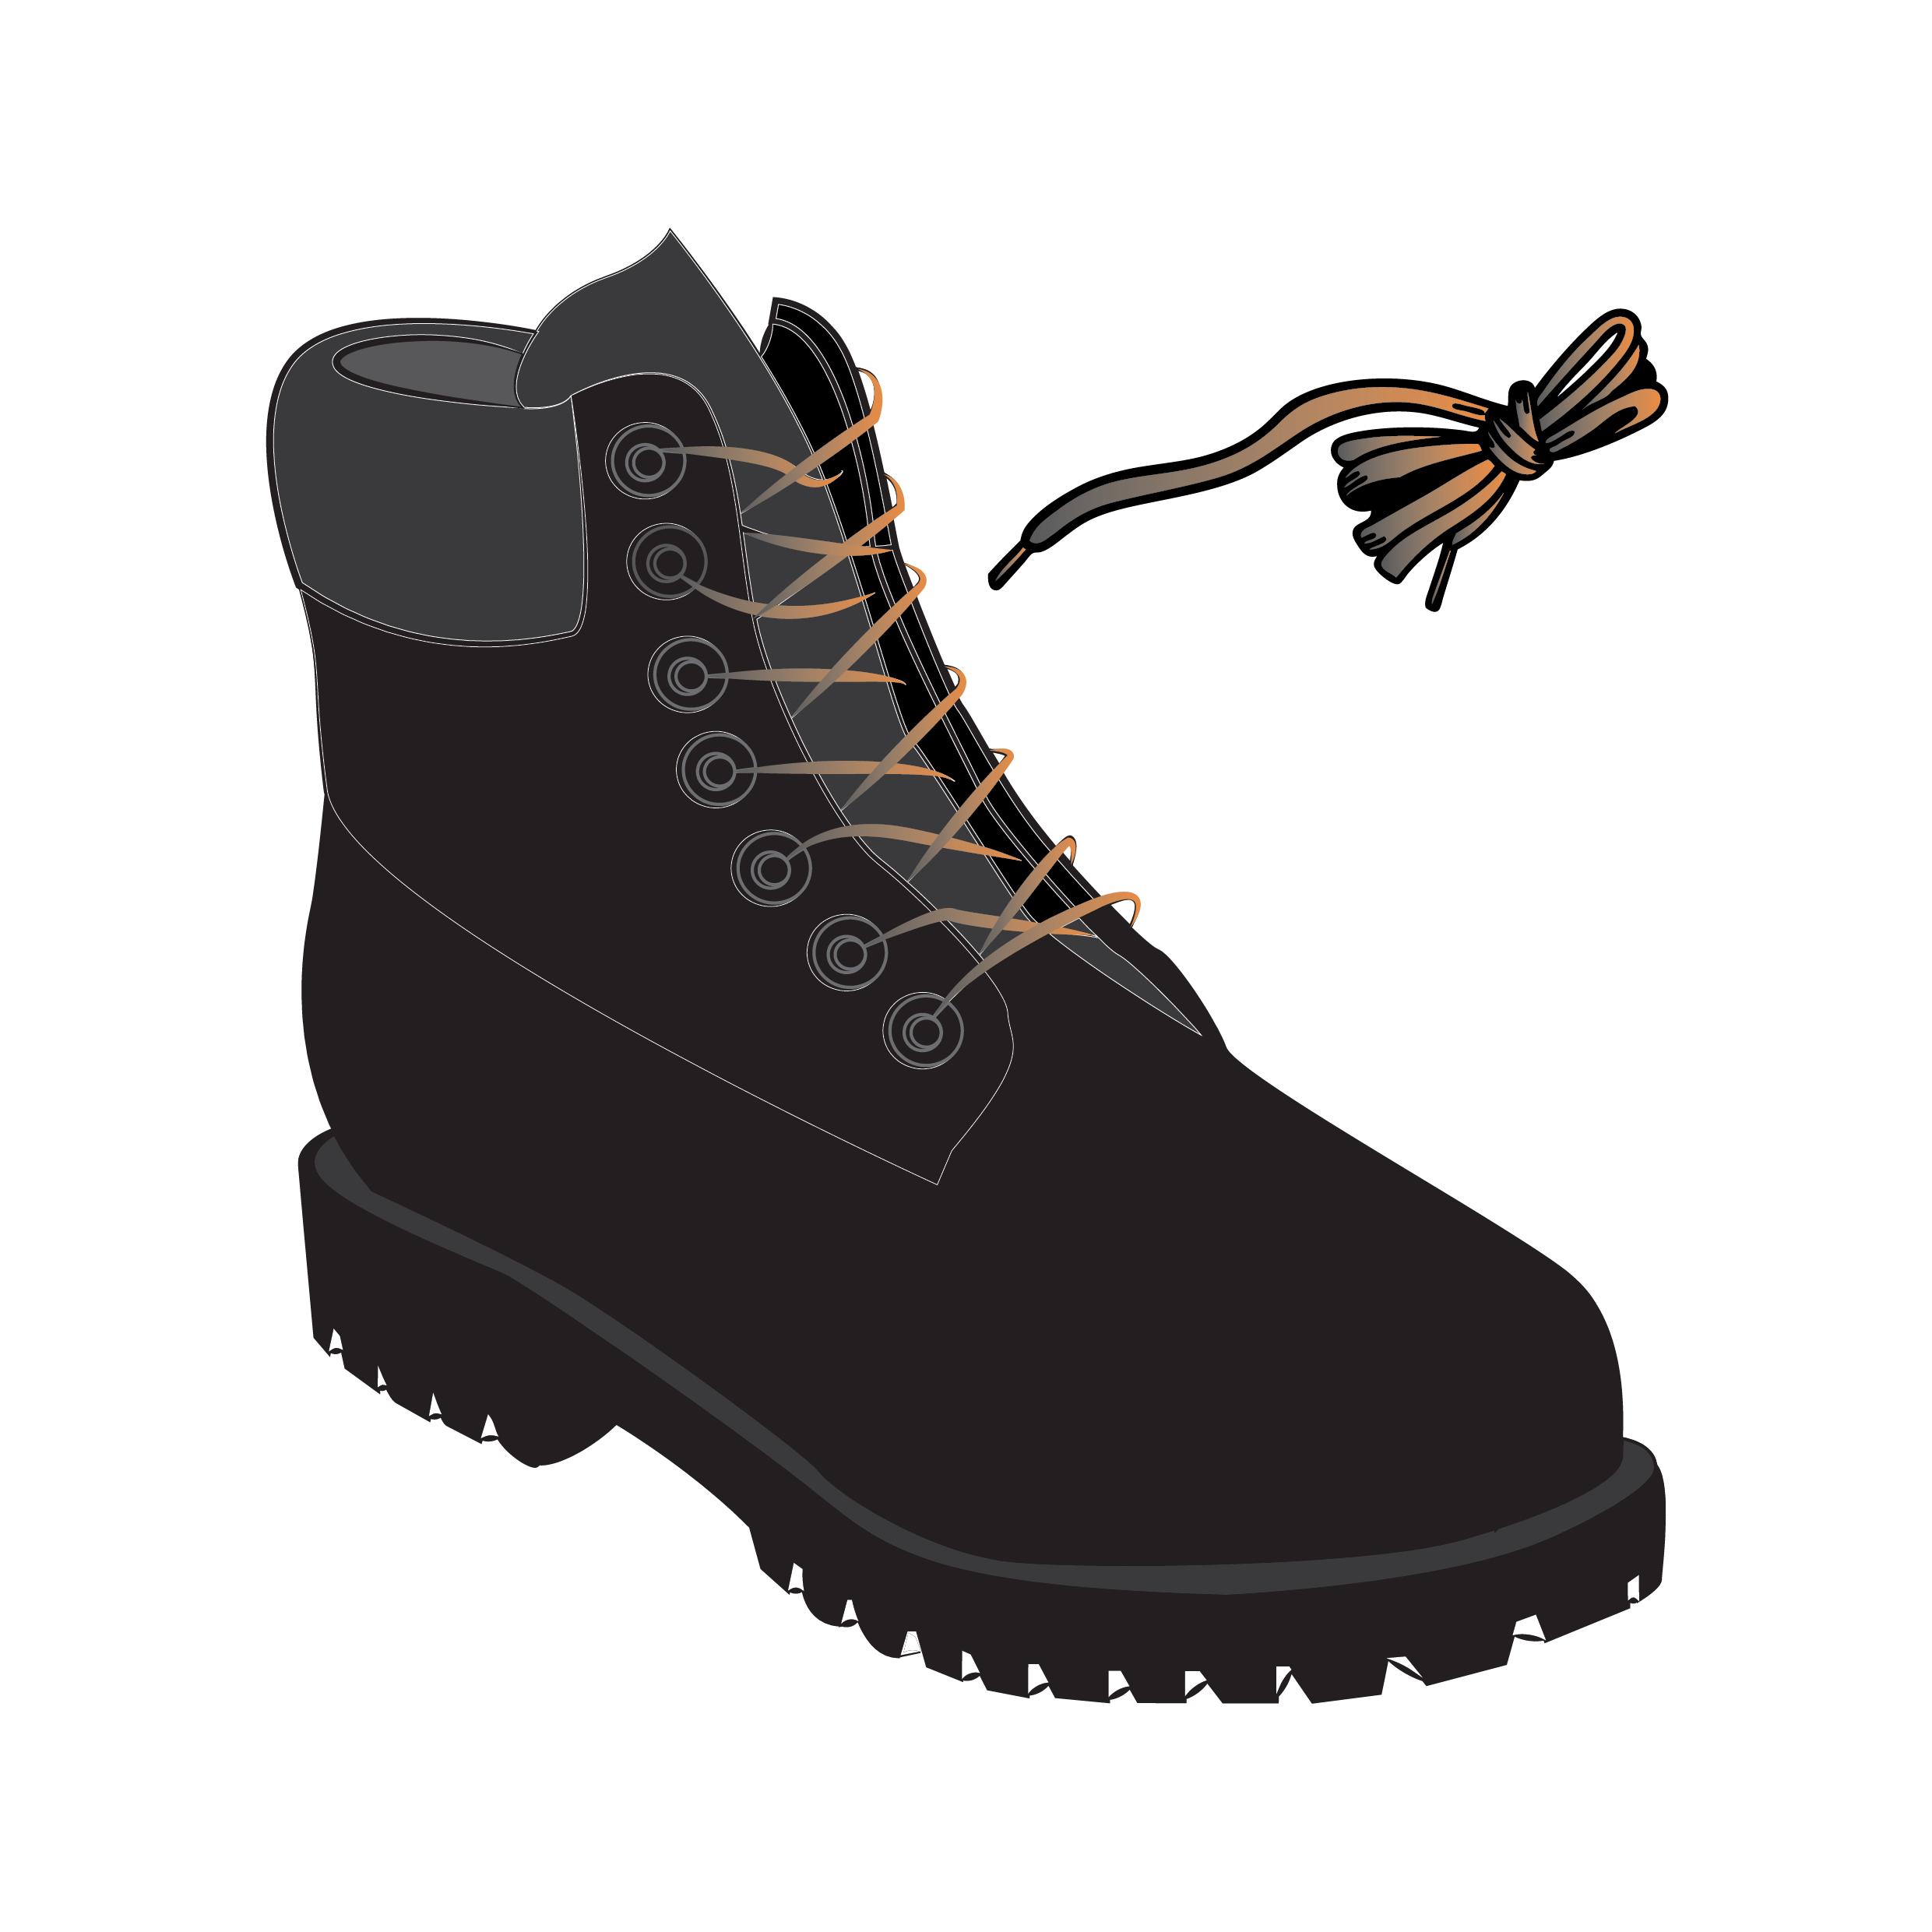 Shoe Care Images_Laces